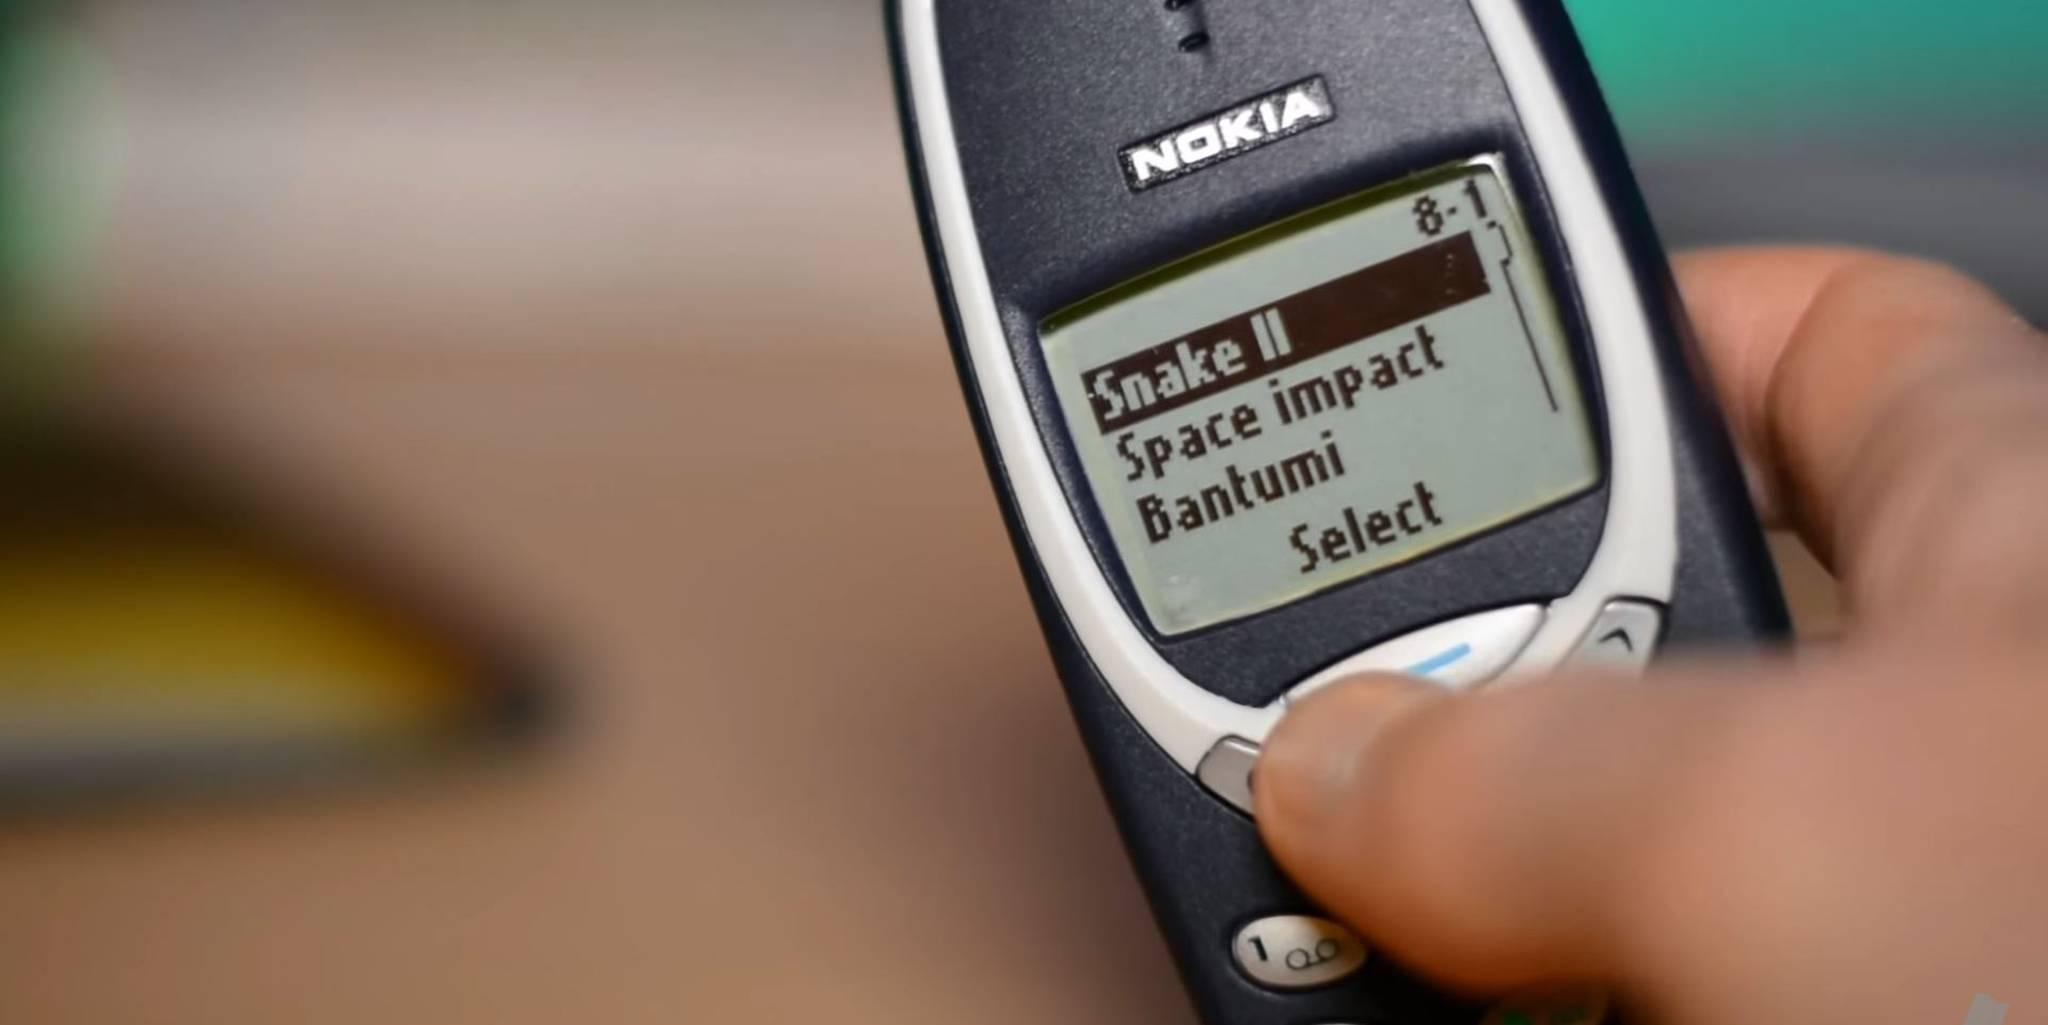 Filloni kërkimet në shtëpi, nëse keni ende Nokia 3310, sa ju shpërblen kompania